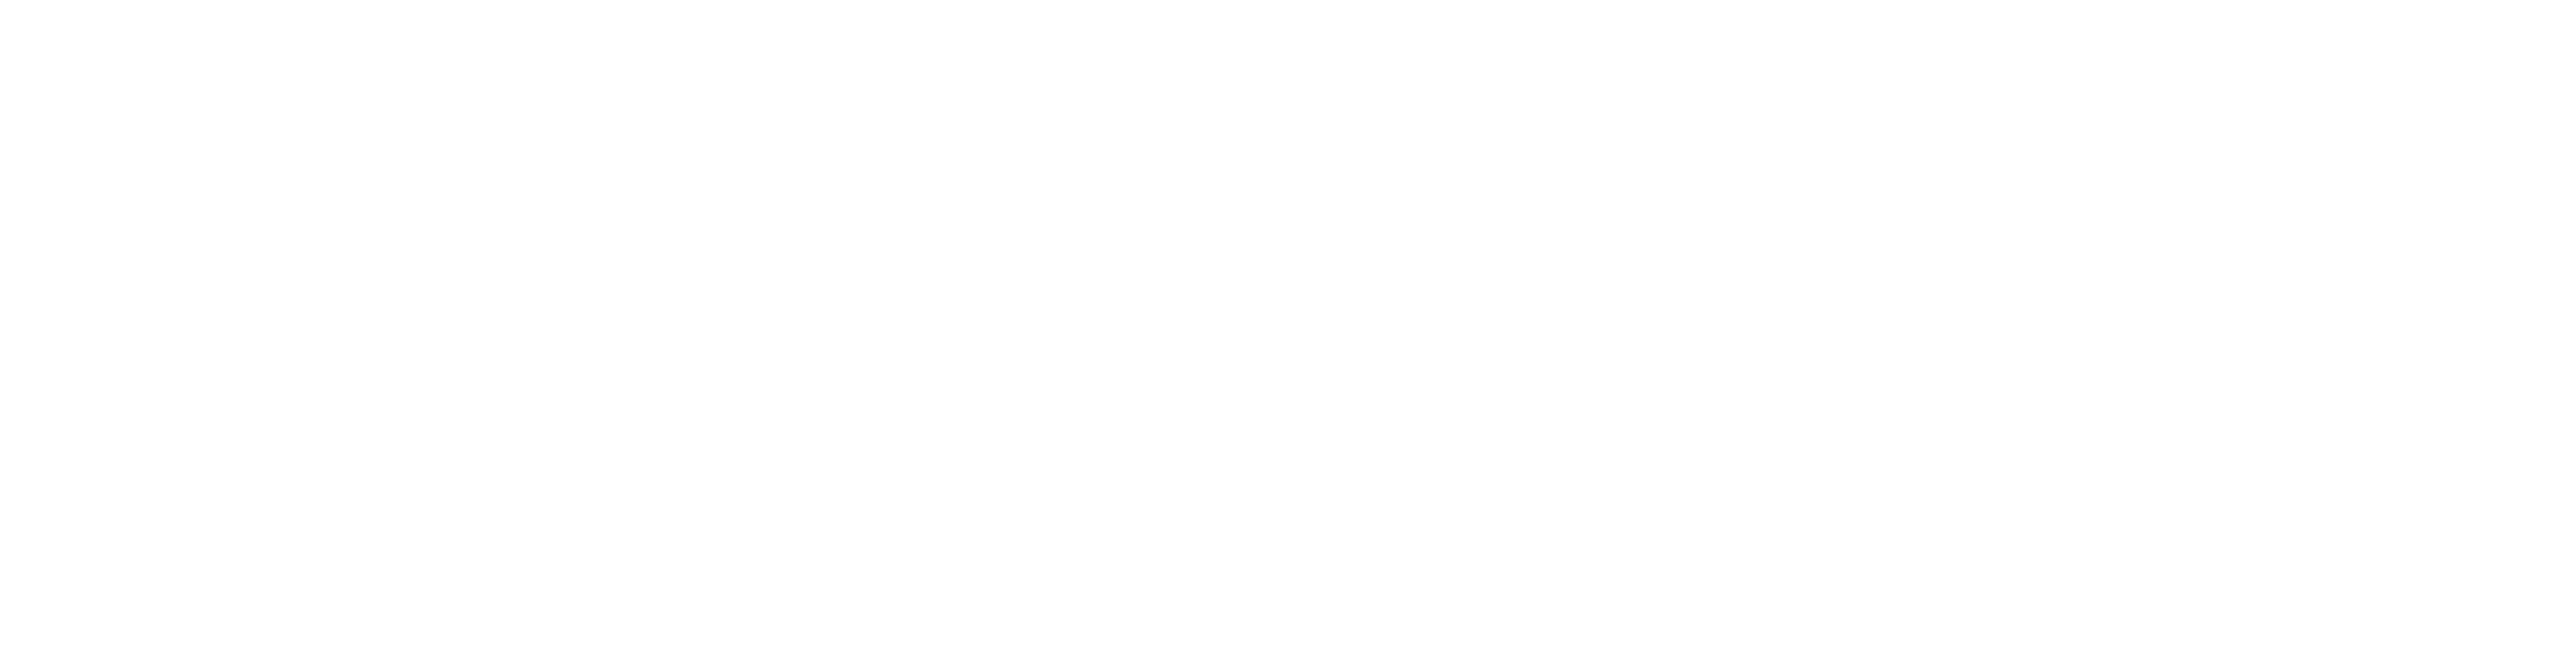 iTuFM